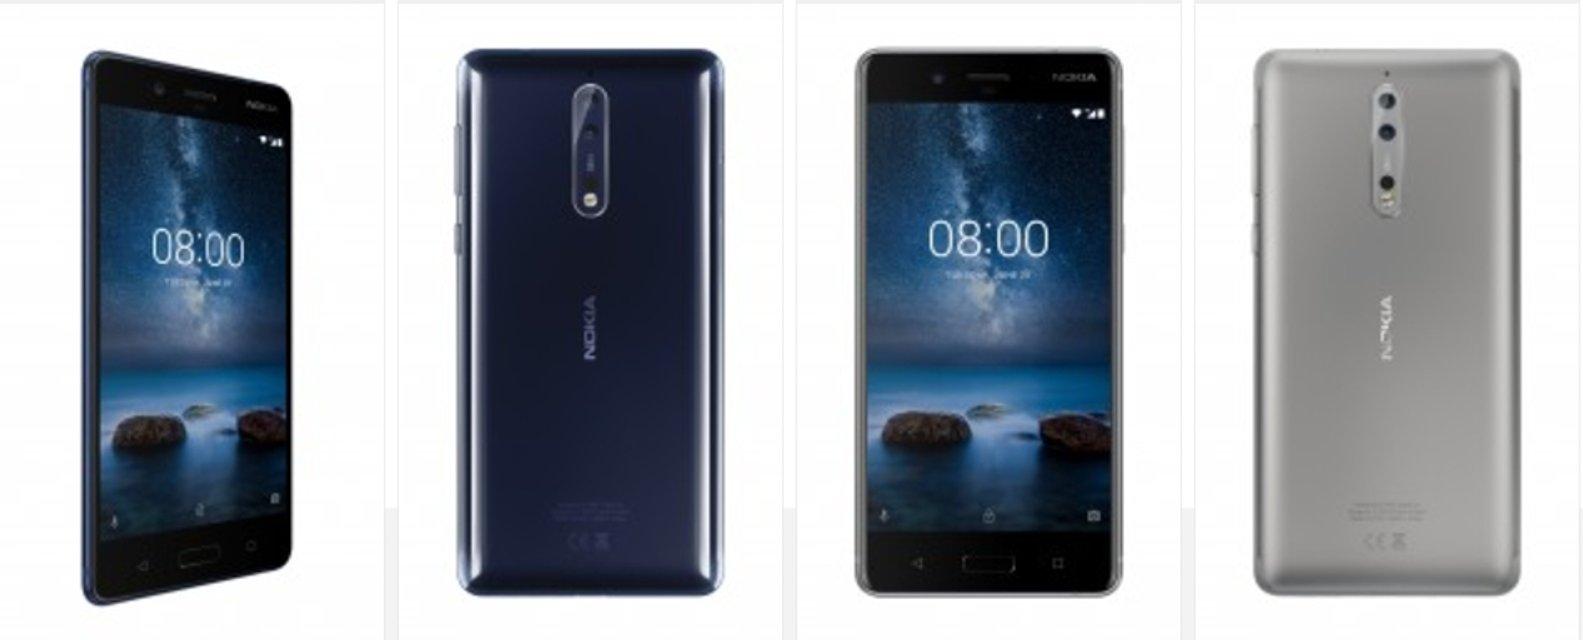 Nokia 8 официально выходит в продажу с 6 сентября по €600 - фото 67227